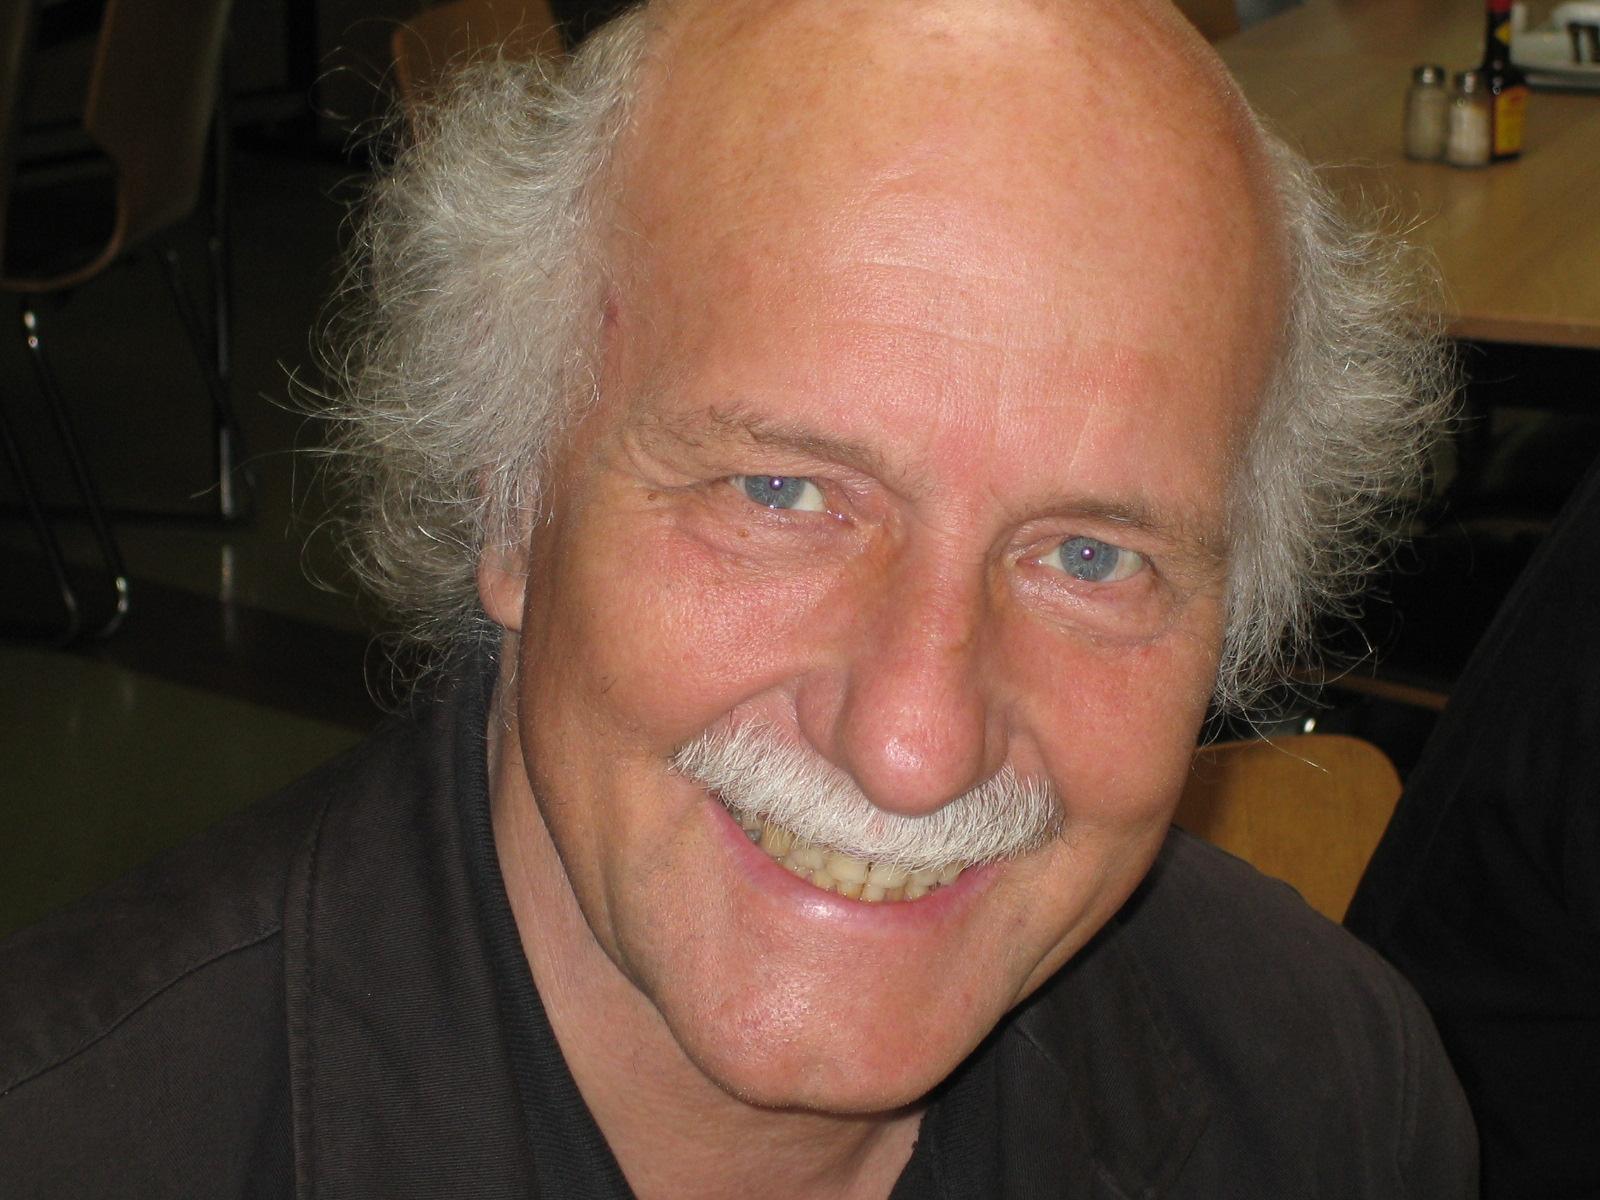 Uwe Scherer